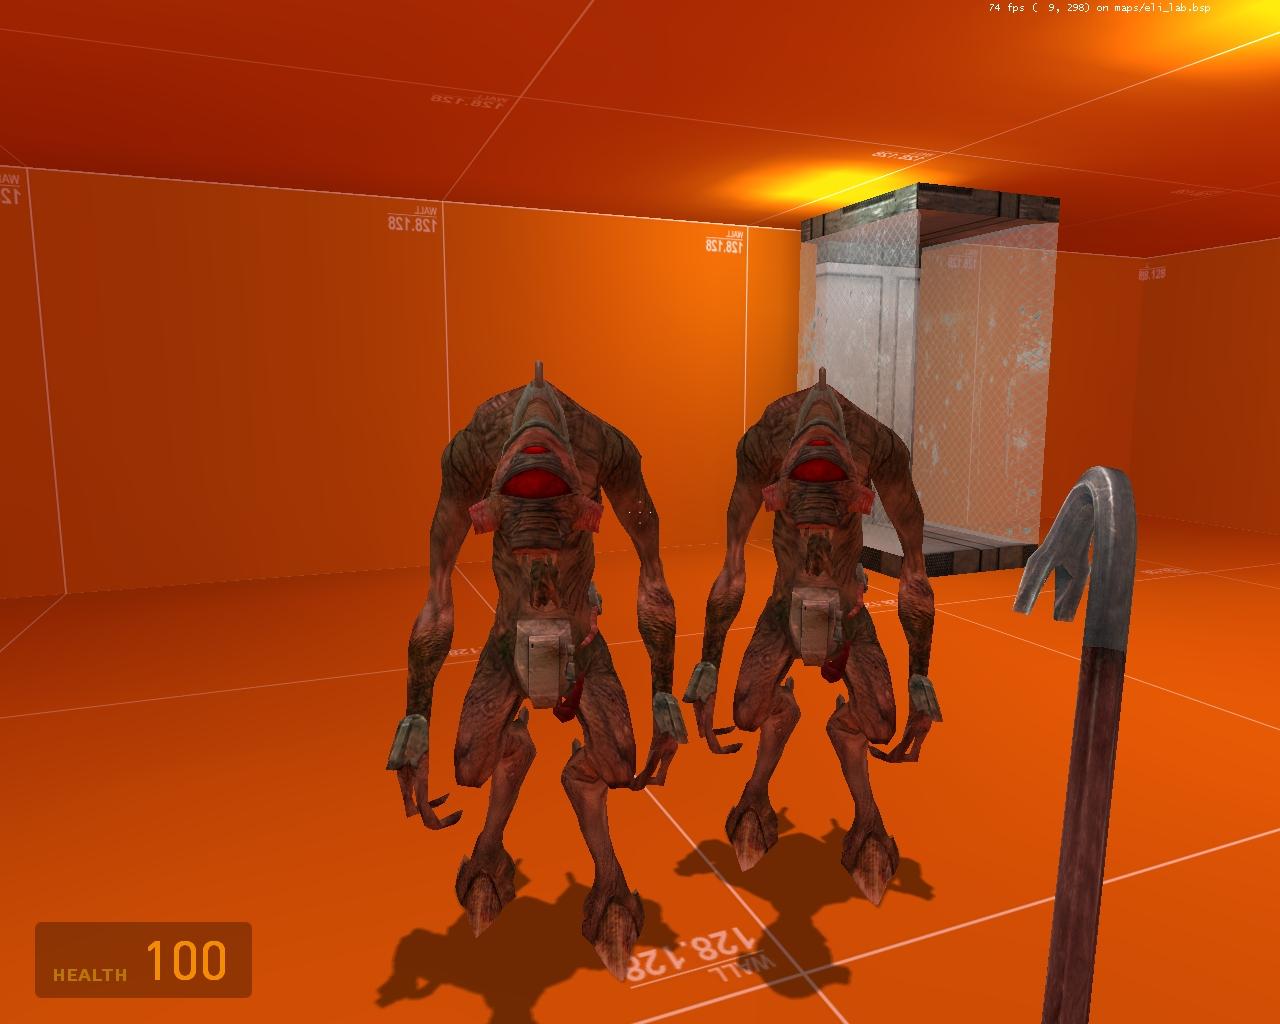 Half-Life 2 Beta - Half-Life 2 Half-Life 2 Beta, HL2Beta, нужно больше тегов